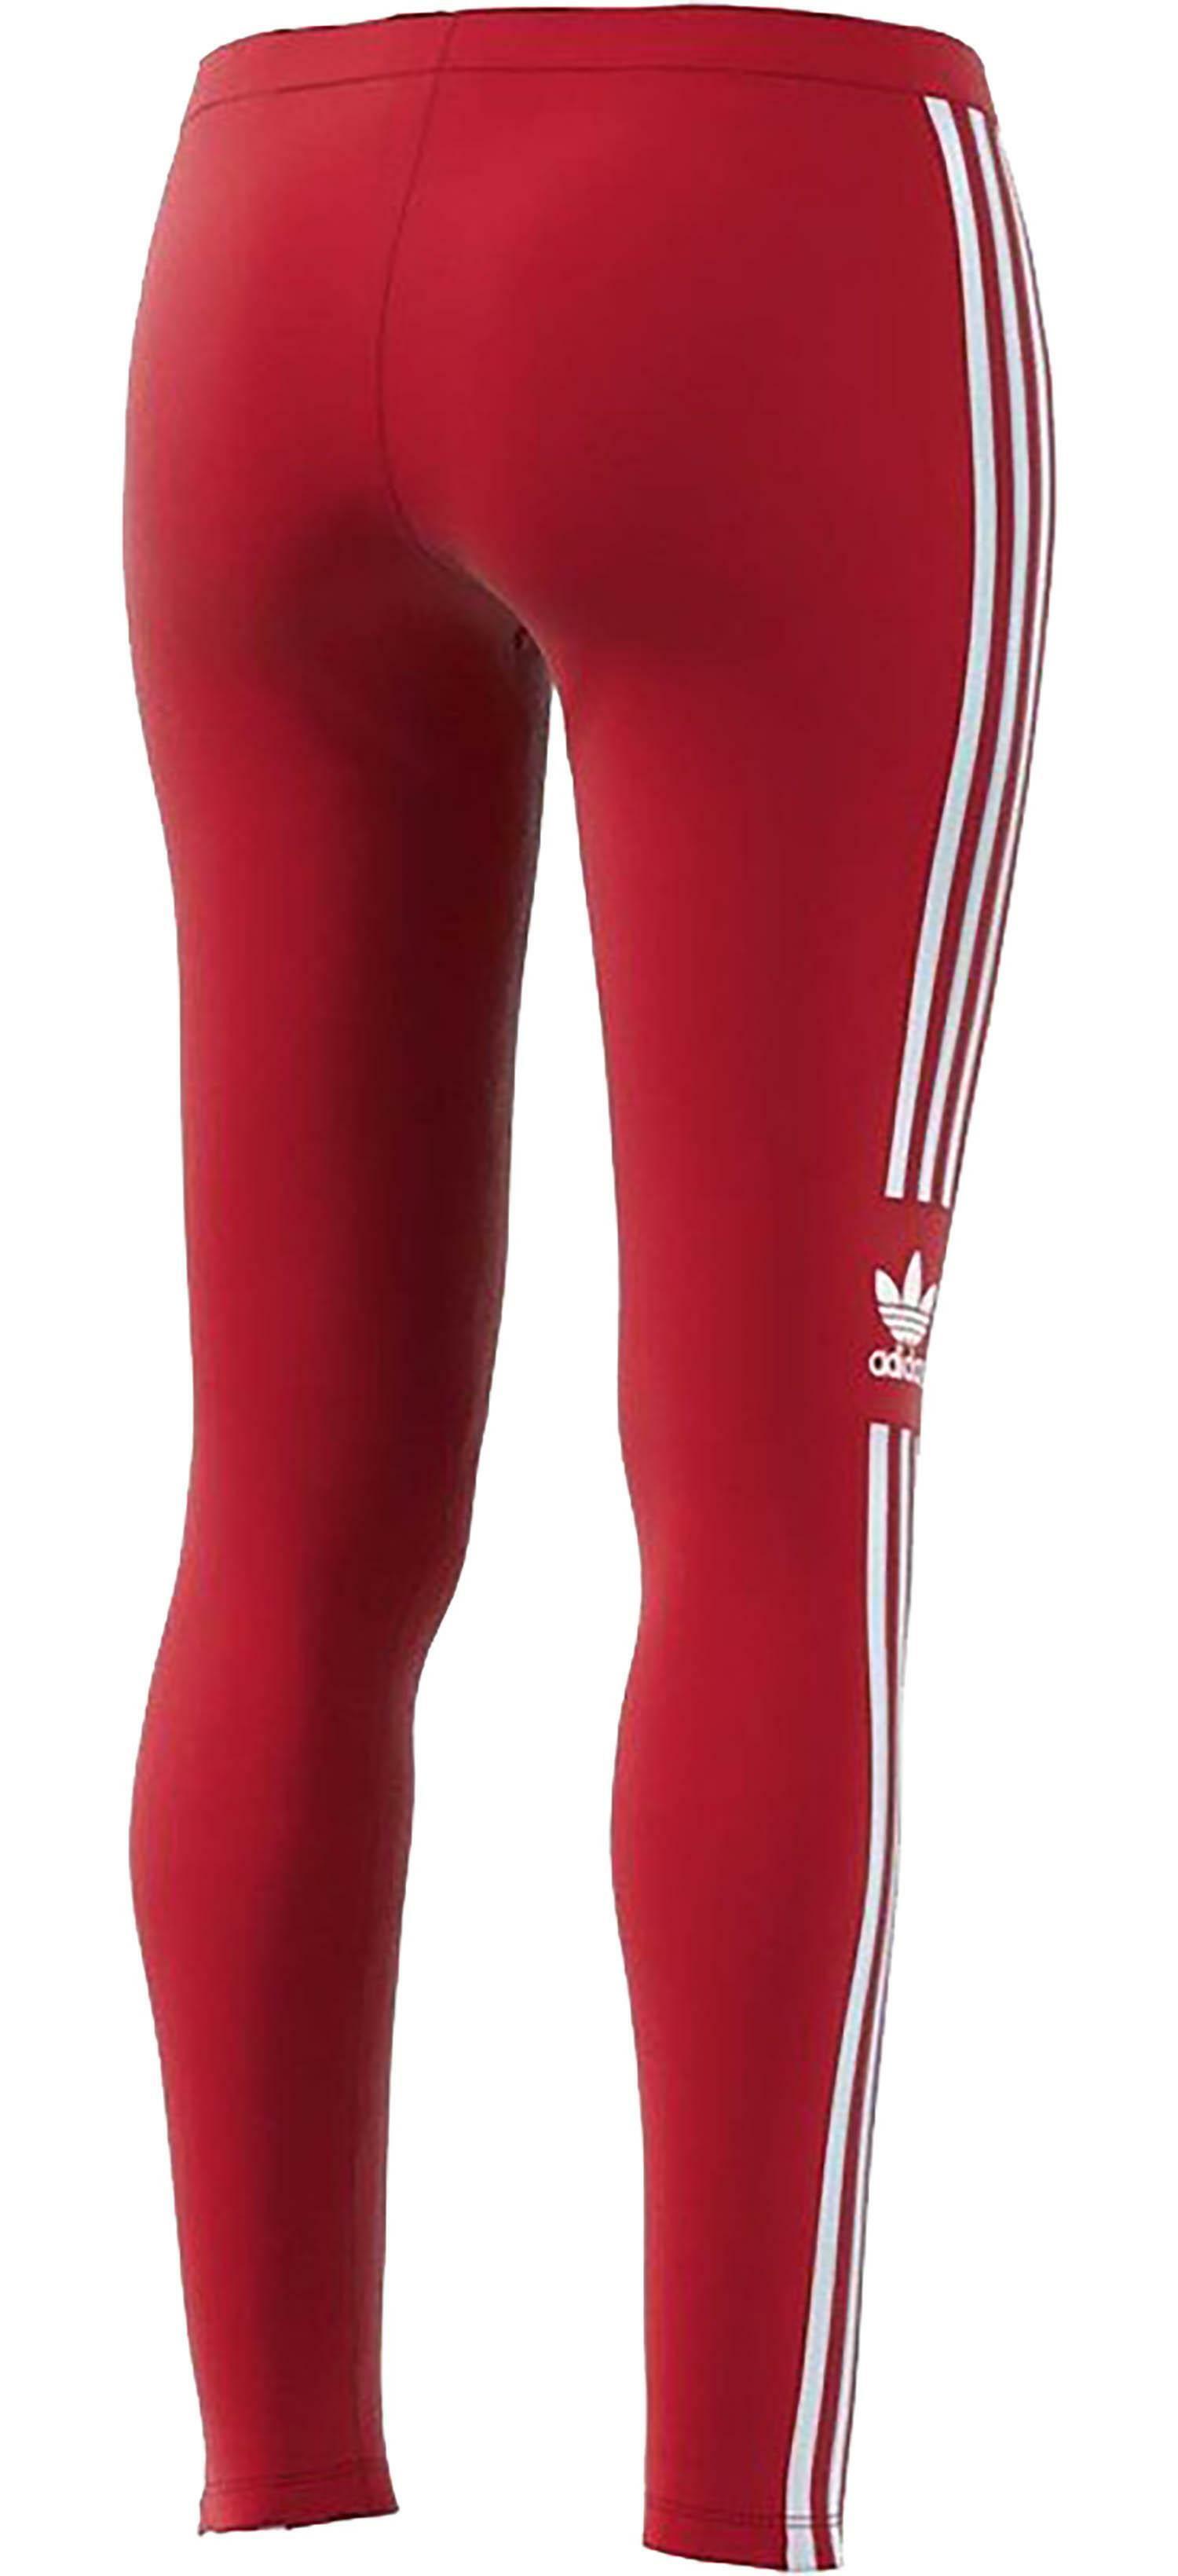 leging adidas rouge